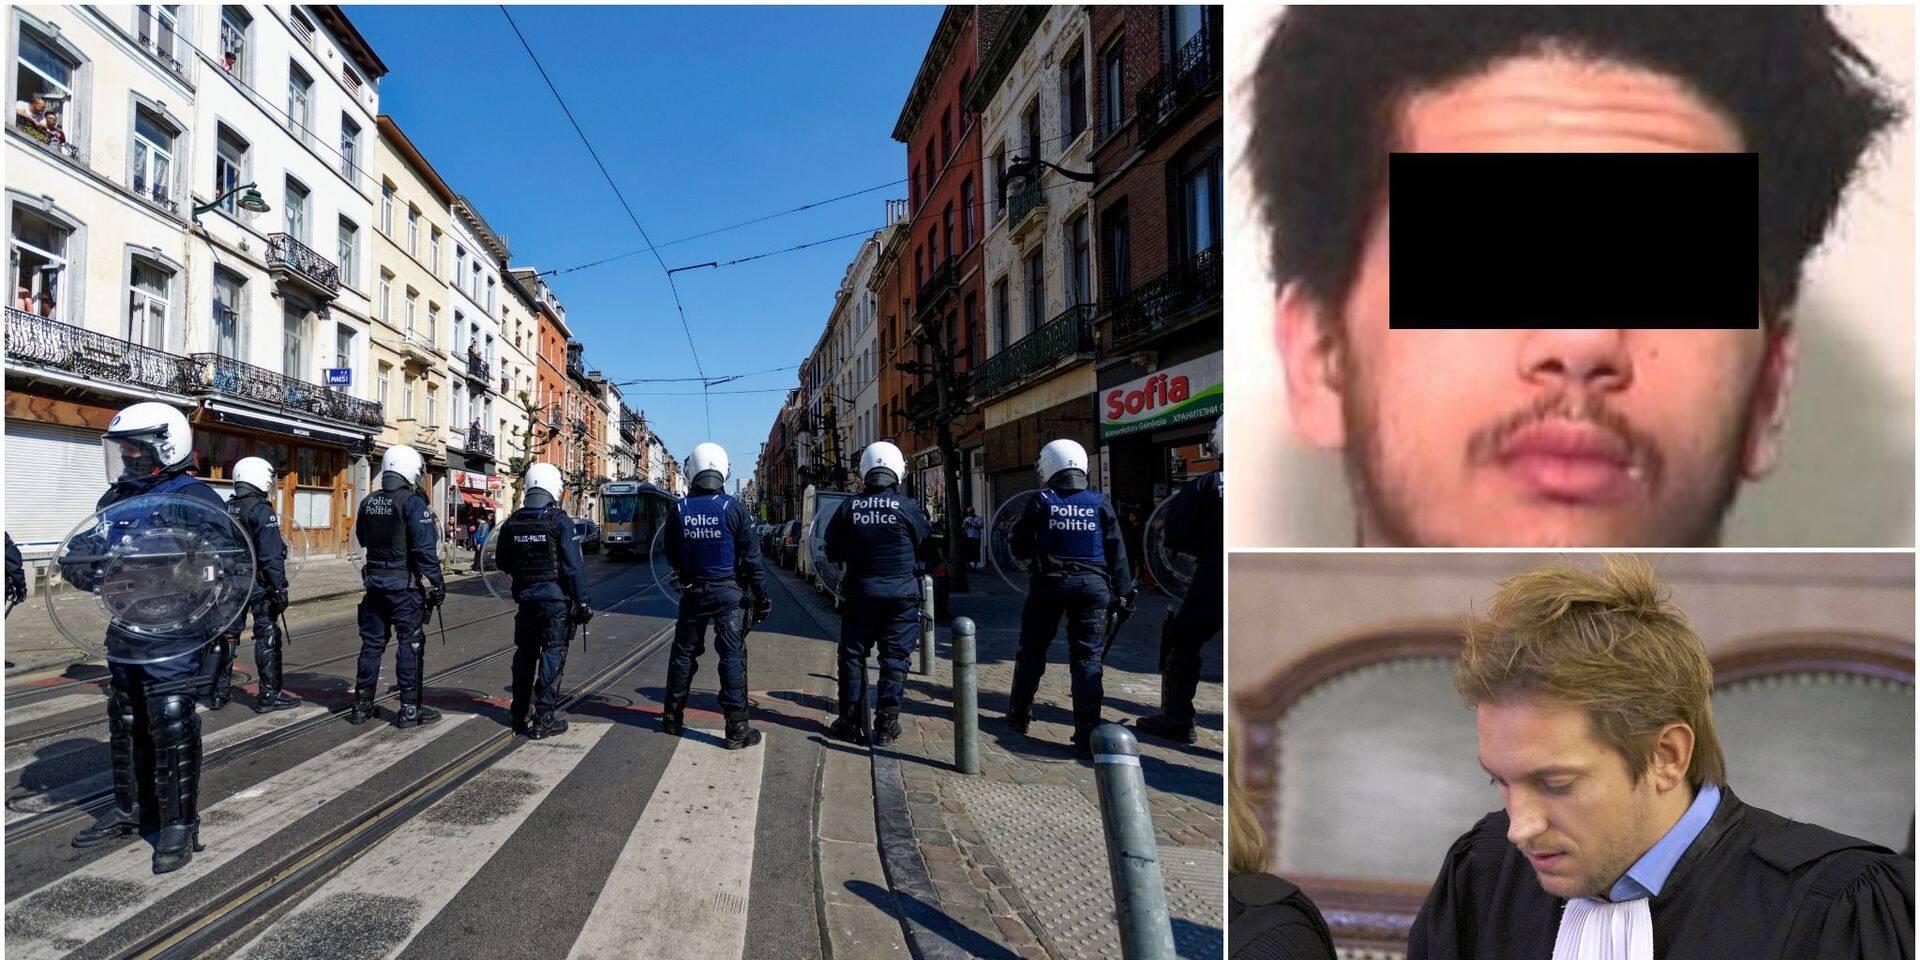 Arme volée aux policiers en plein confinement : il est condamné à travailler !